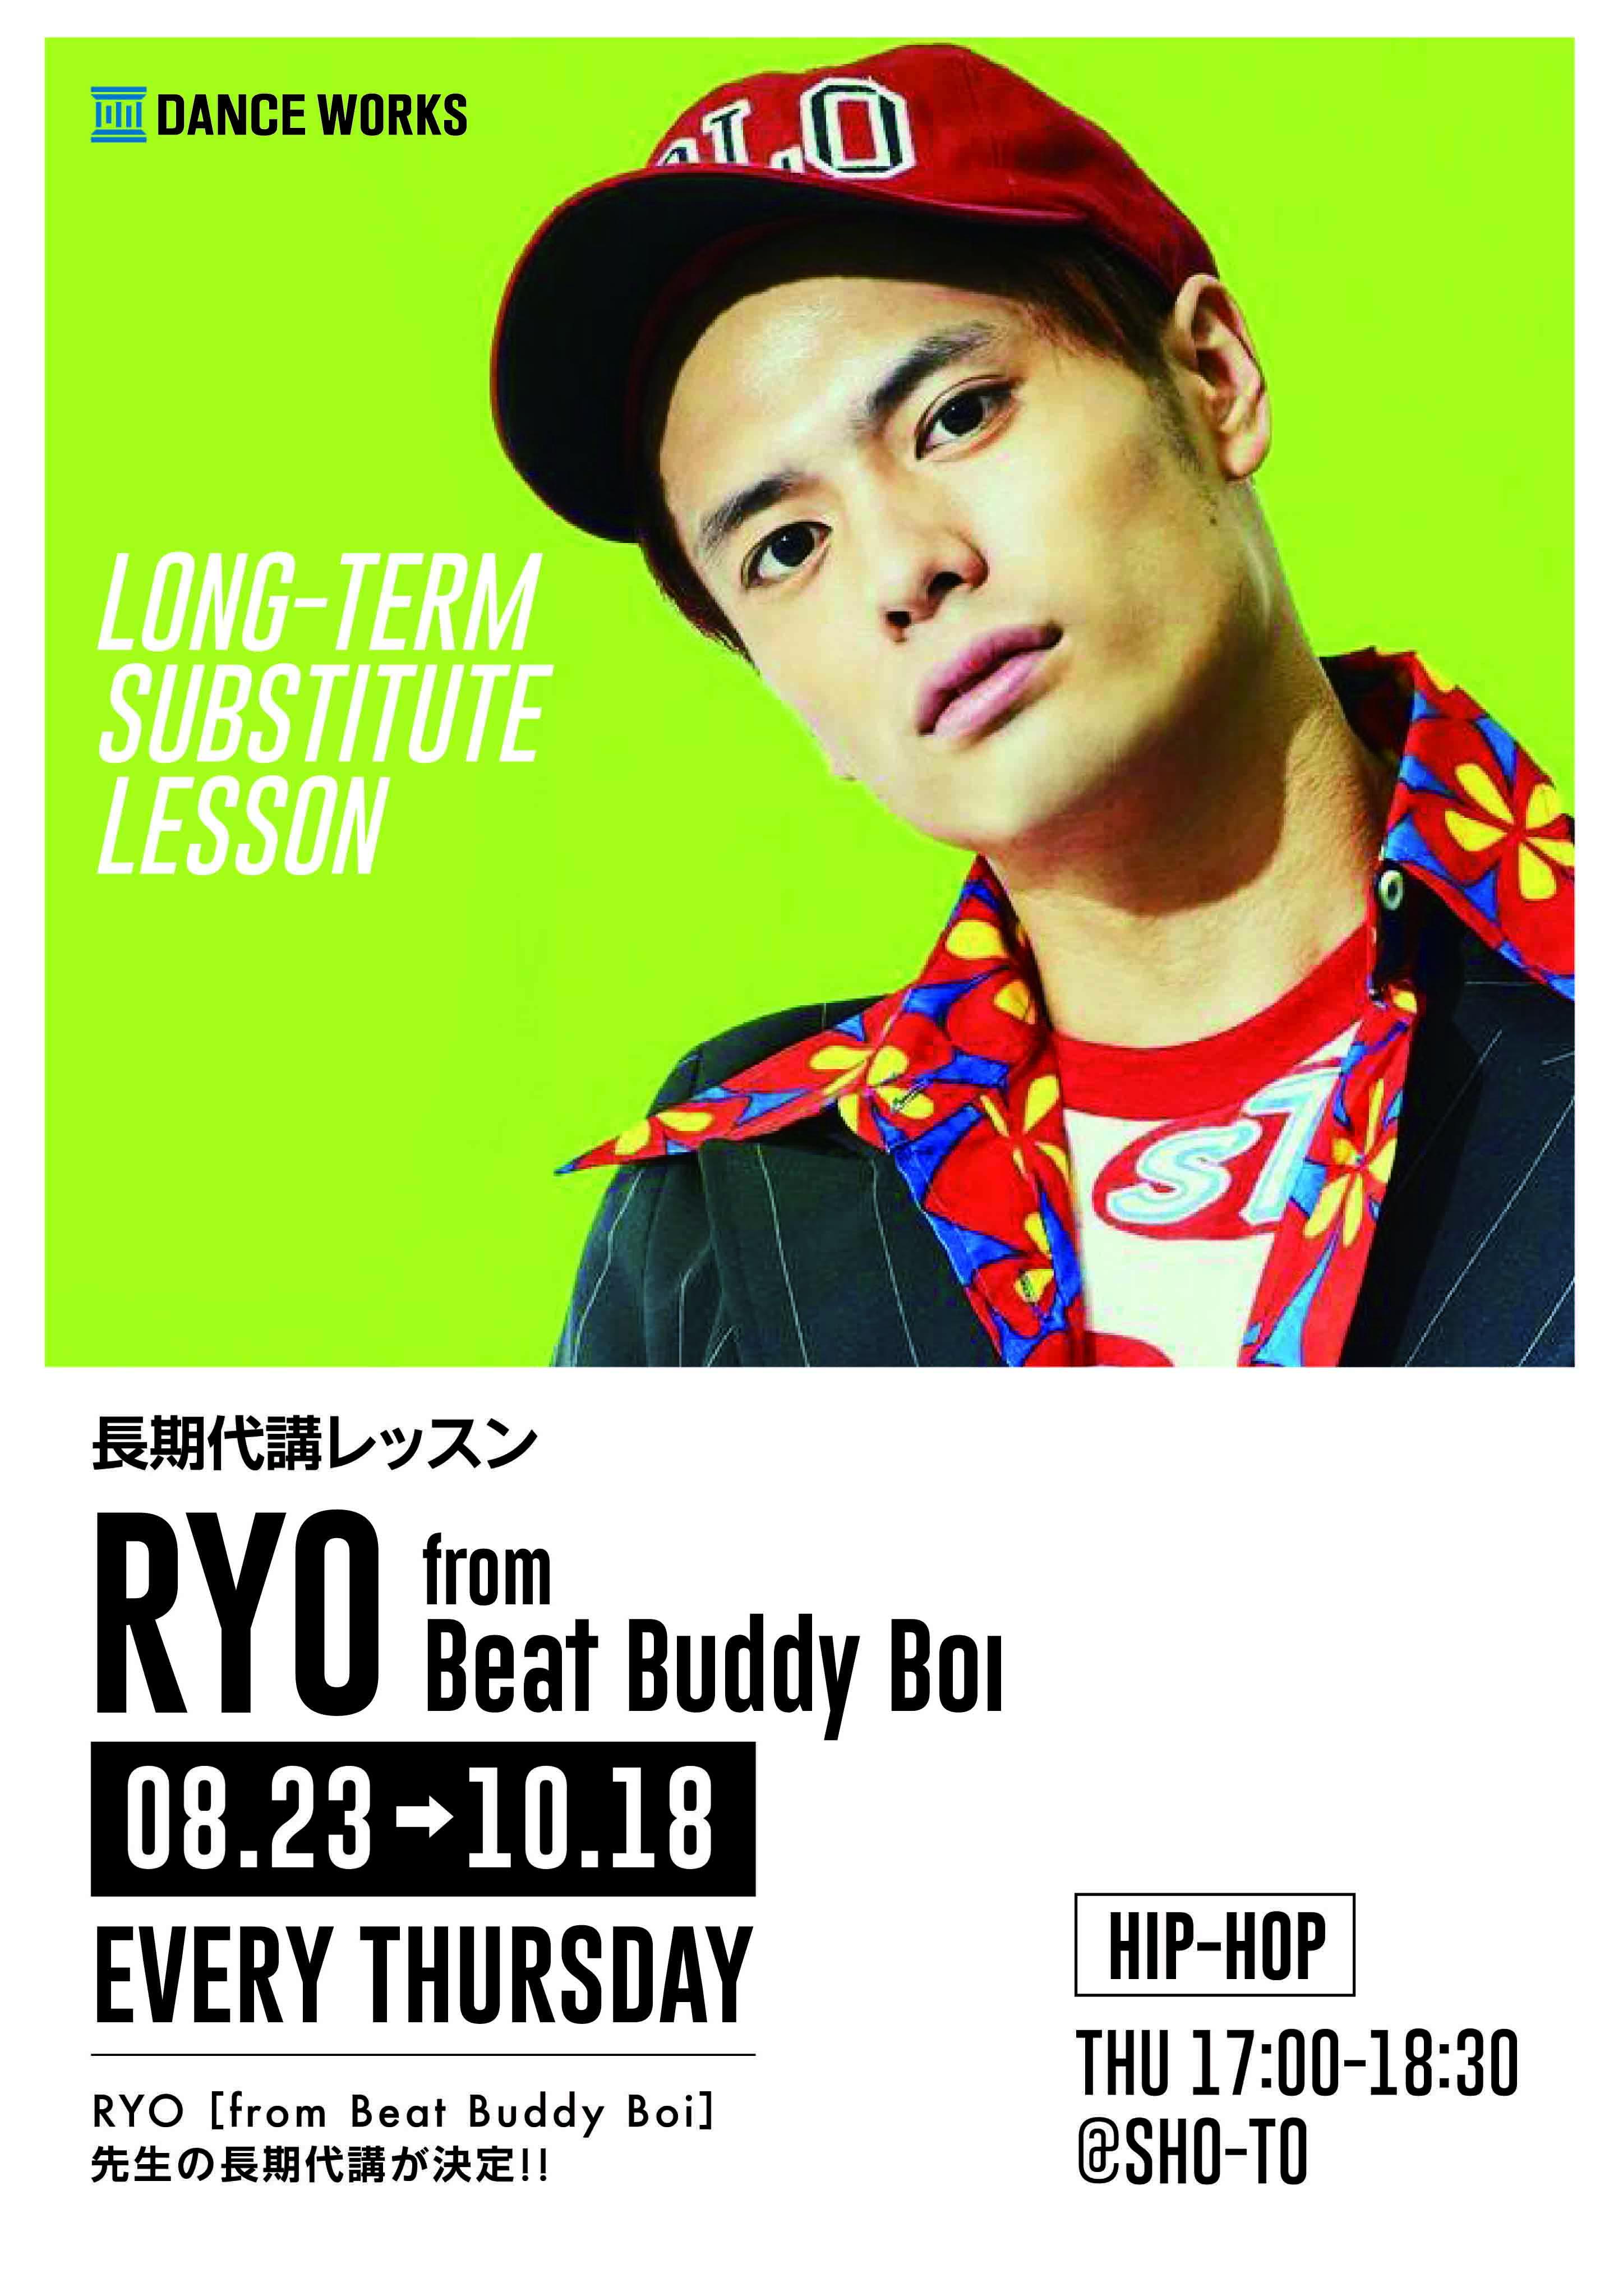 RYO-POP